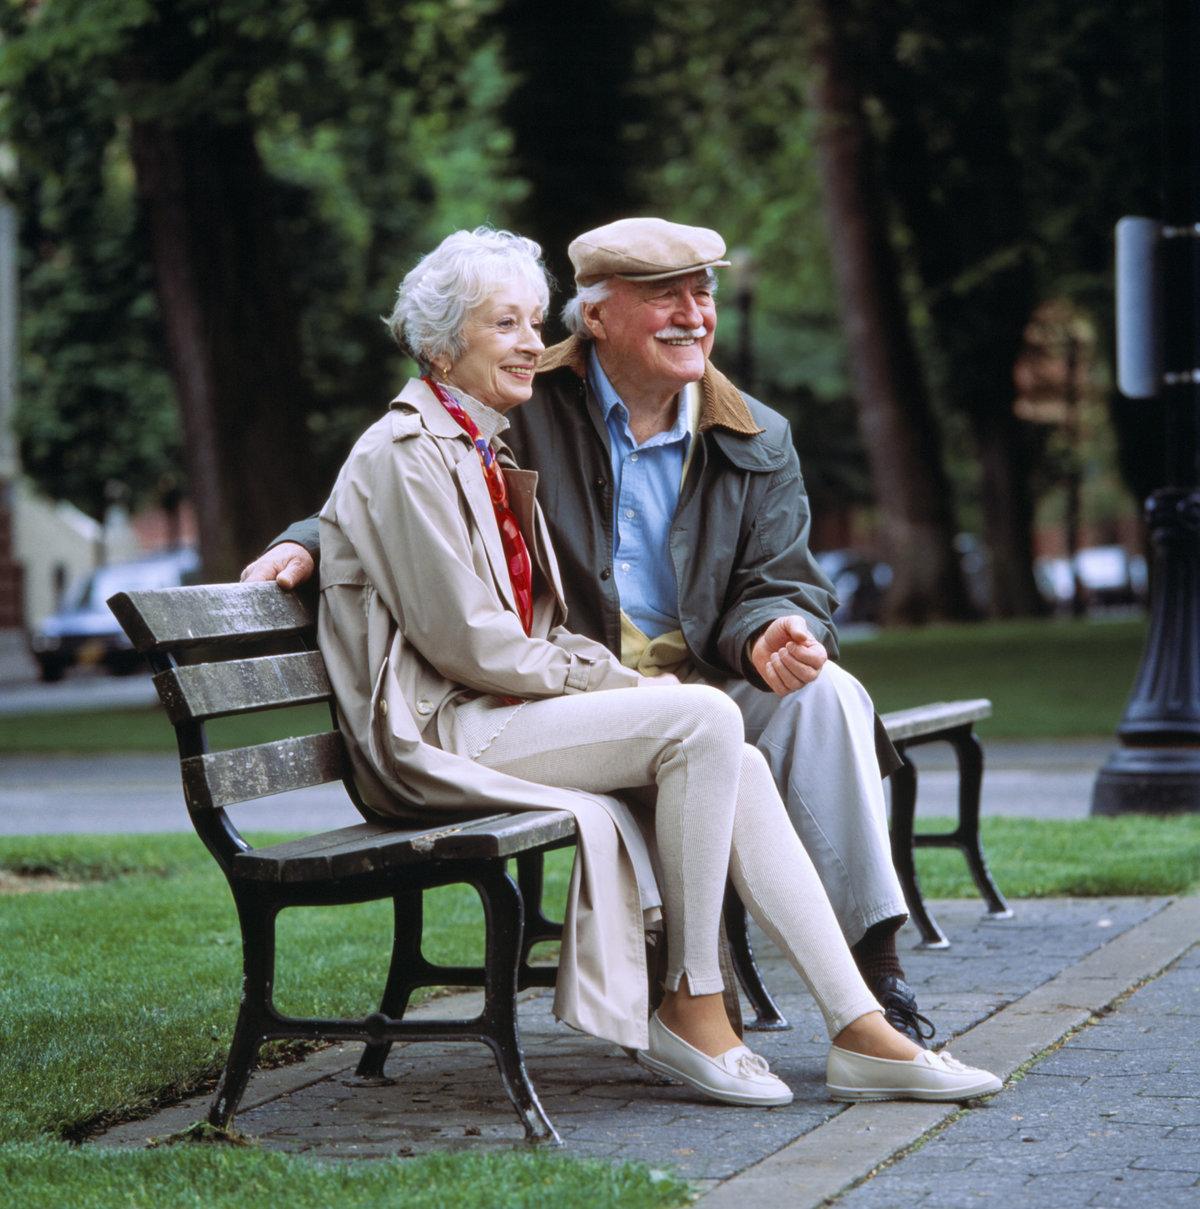 картинка свидание пожилых строительстве бани сруба